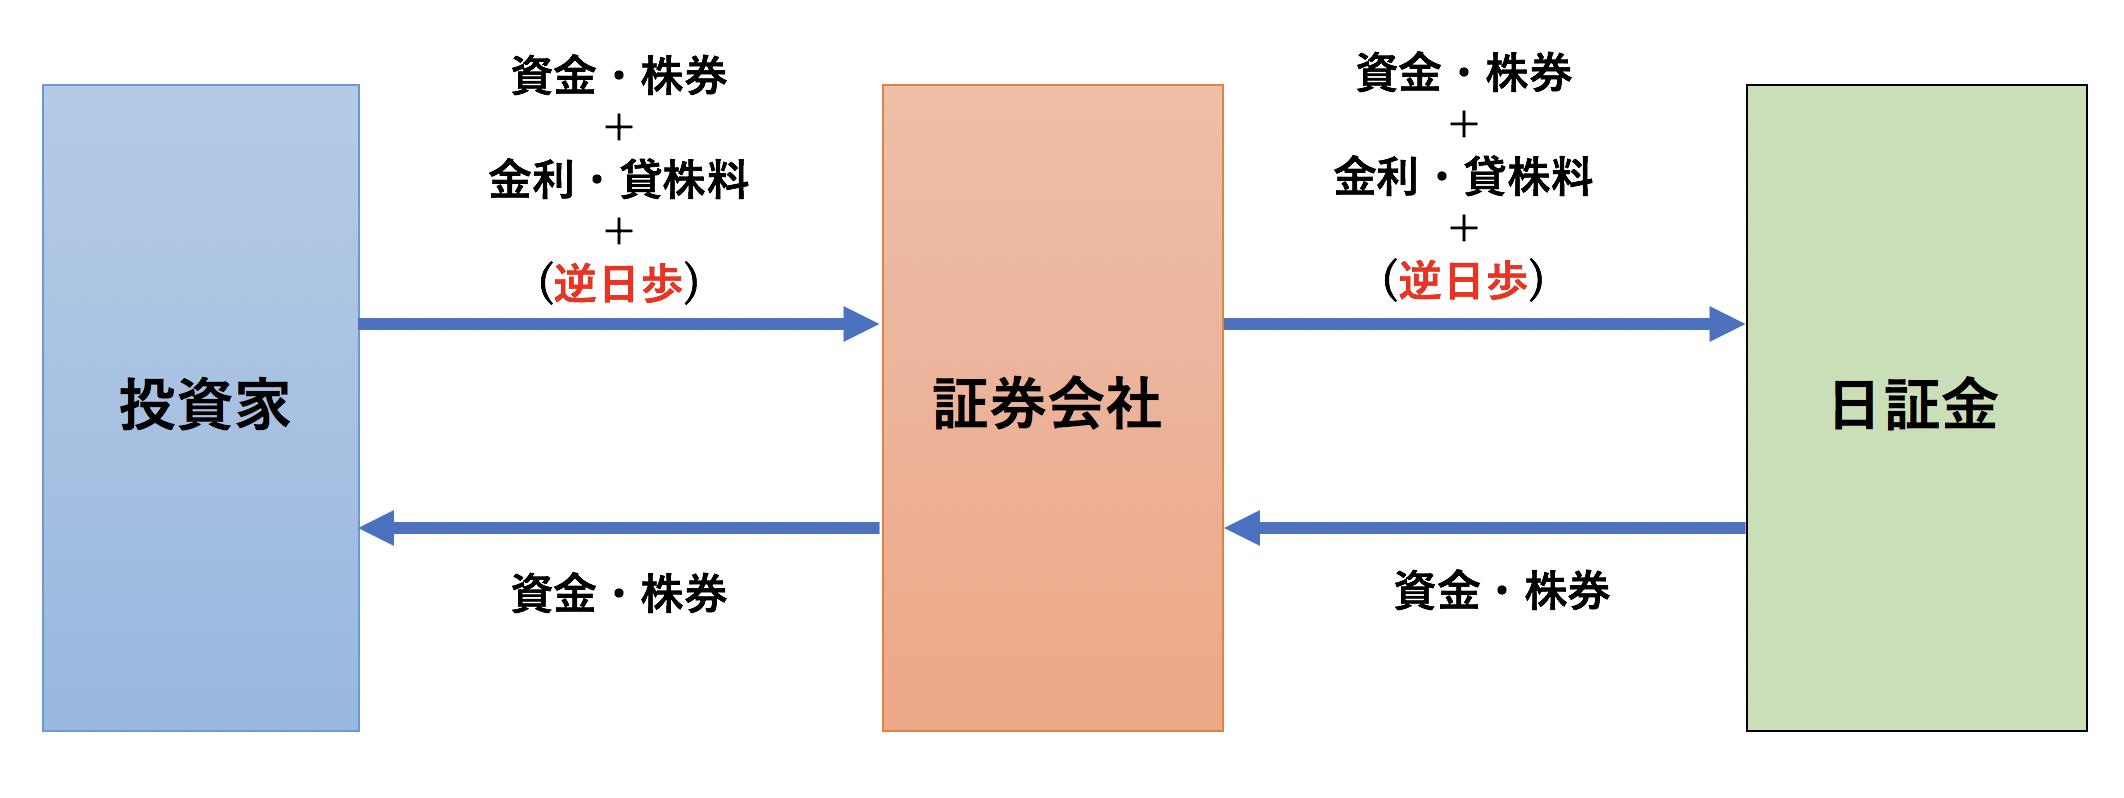 制度信用取引のイメージ図